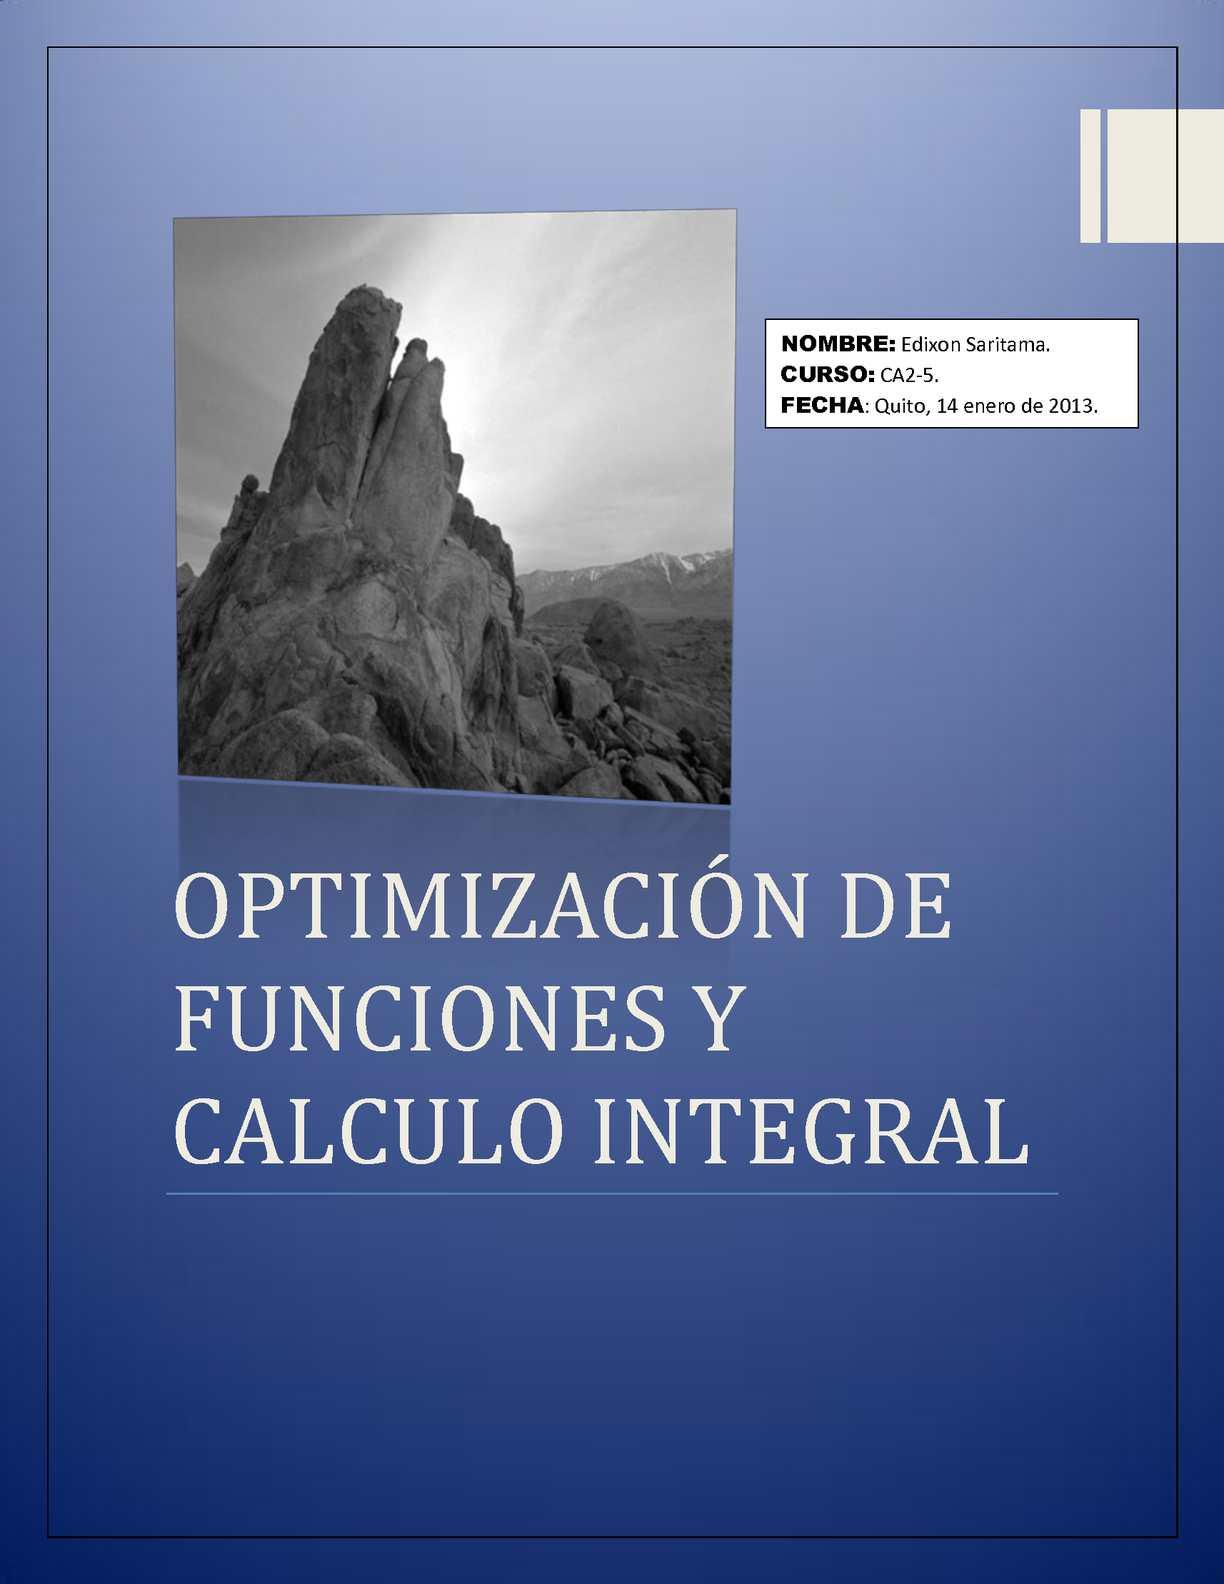 Optimización de funciones y Calculo integral